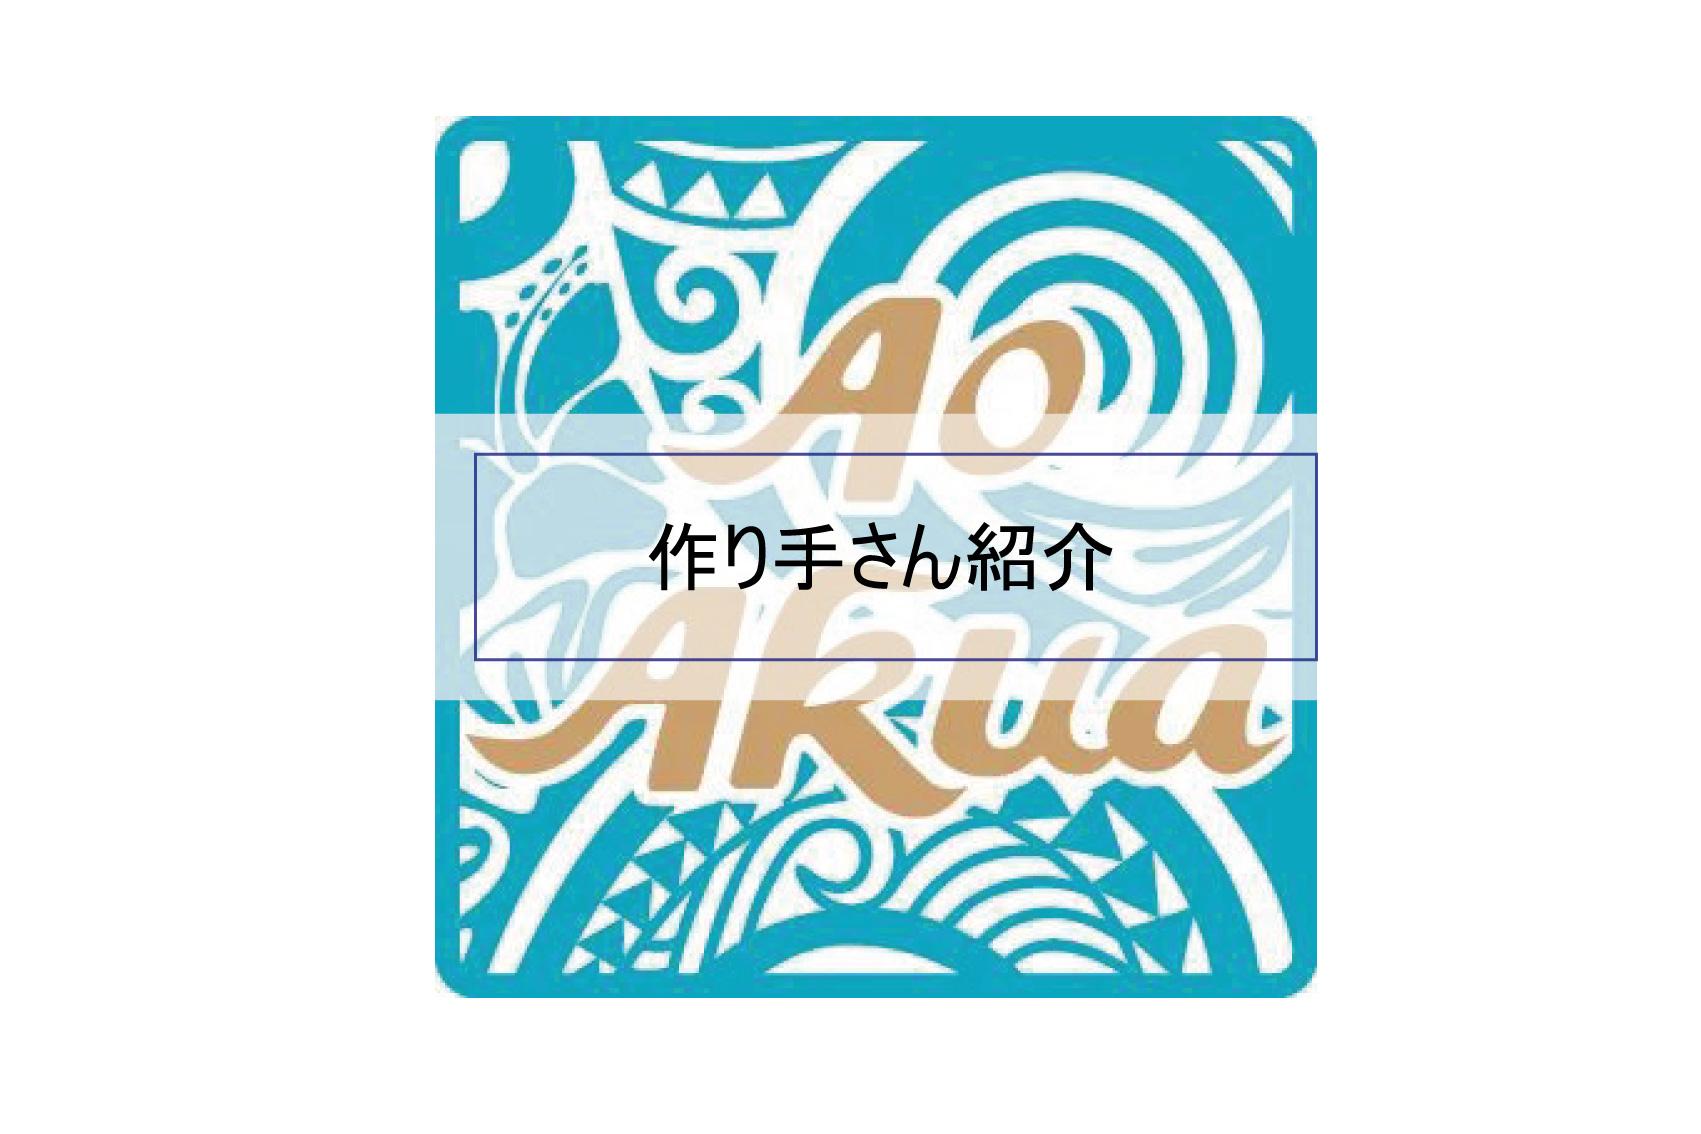 オルガン針株式会社が運営するミシンユーザーのための情報発信型通販サイトArt Stitch Room Powered by ORGAN NEEDLE CO.,LTD.(アートステッチルーム) 【作り手さん】ハワイへの愛で溢れている♪(Ao Akua Tokoさん)